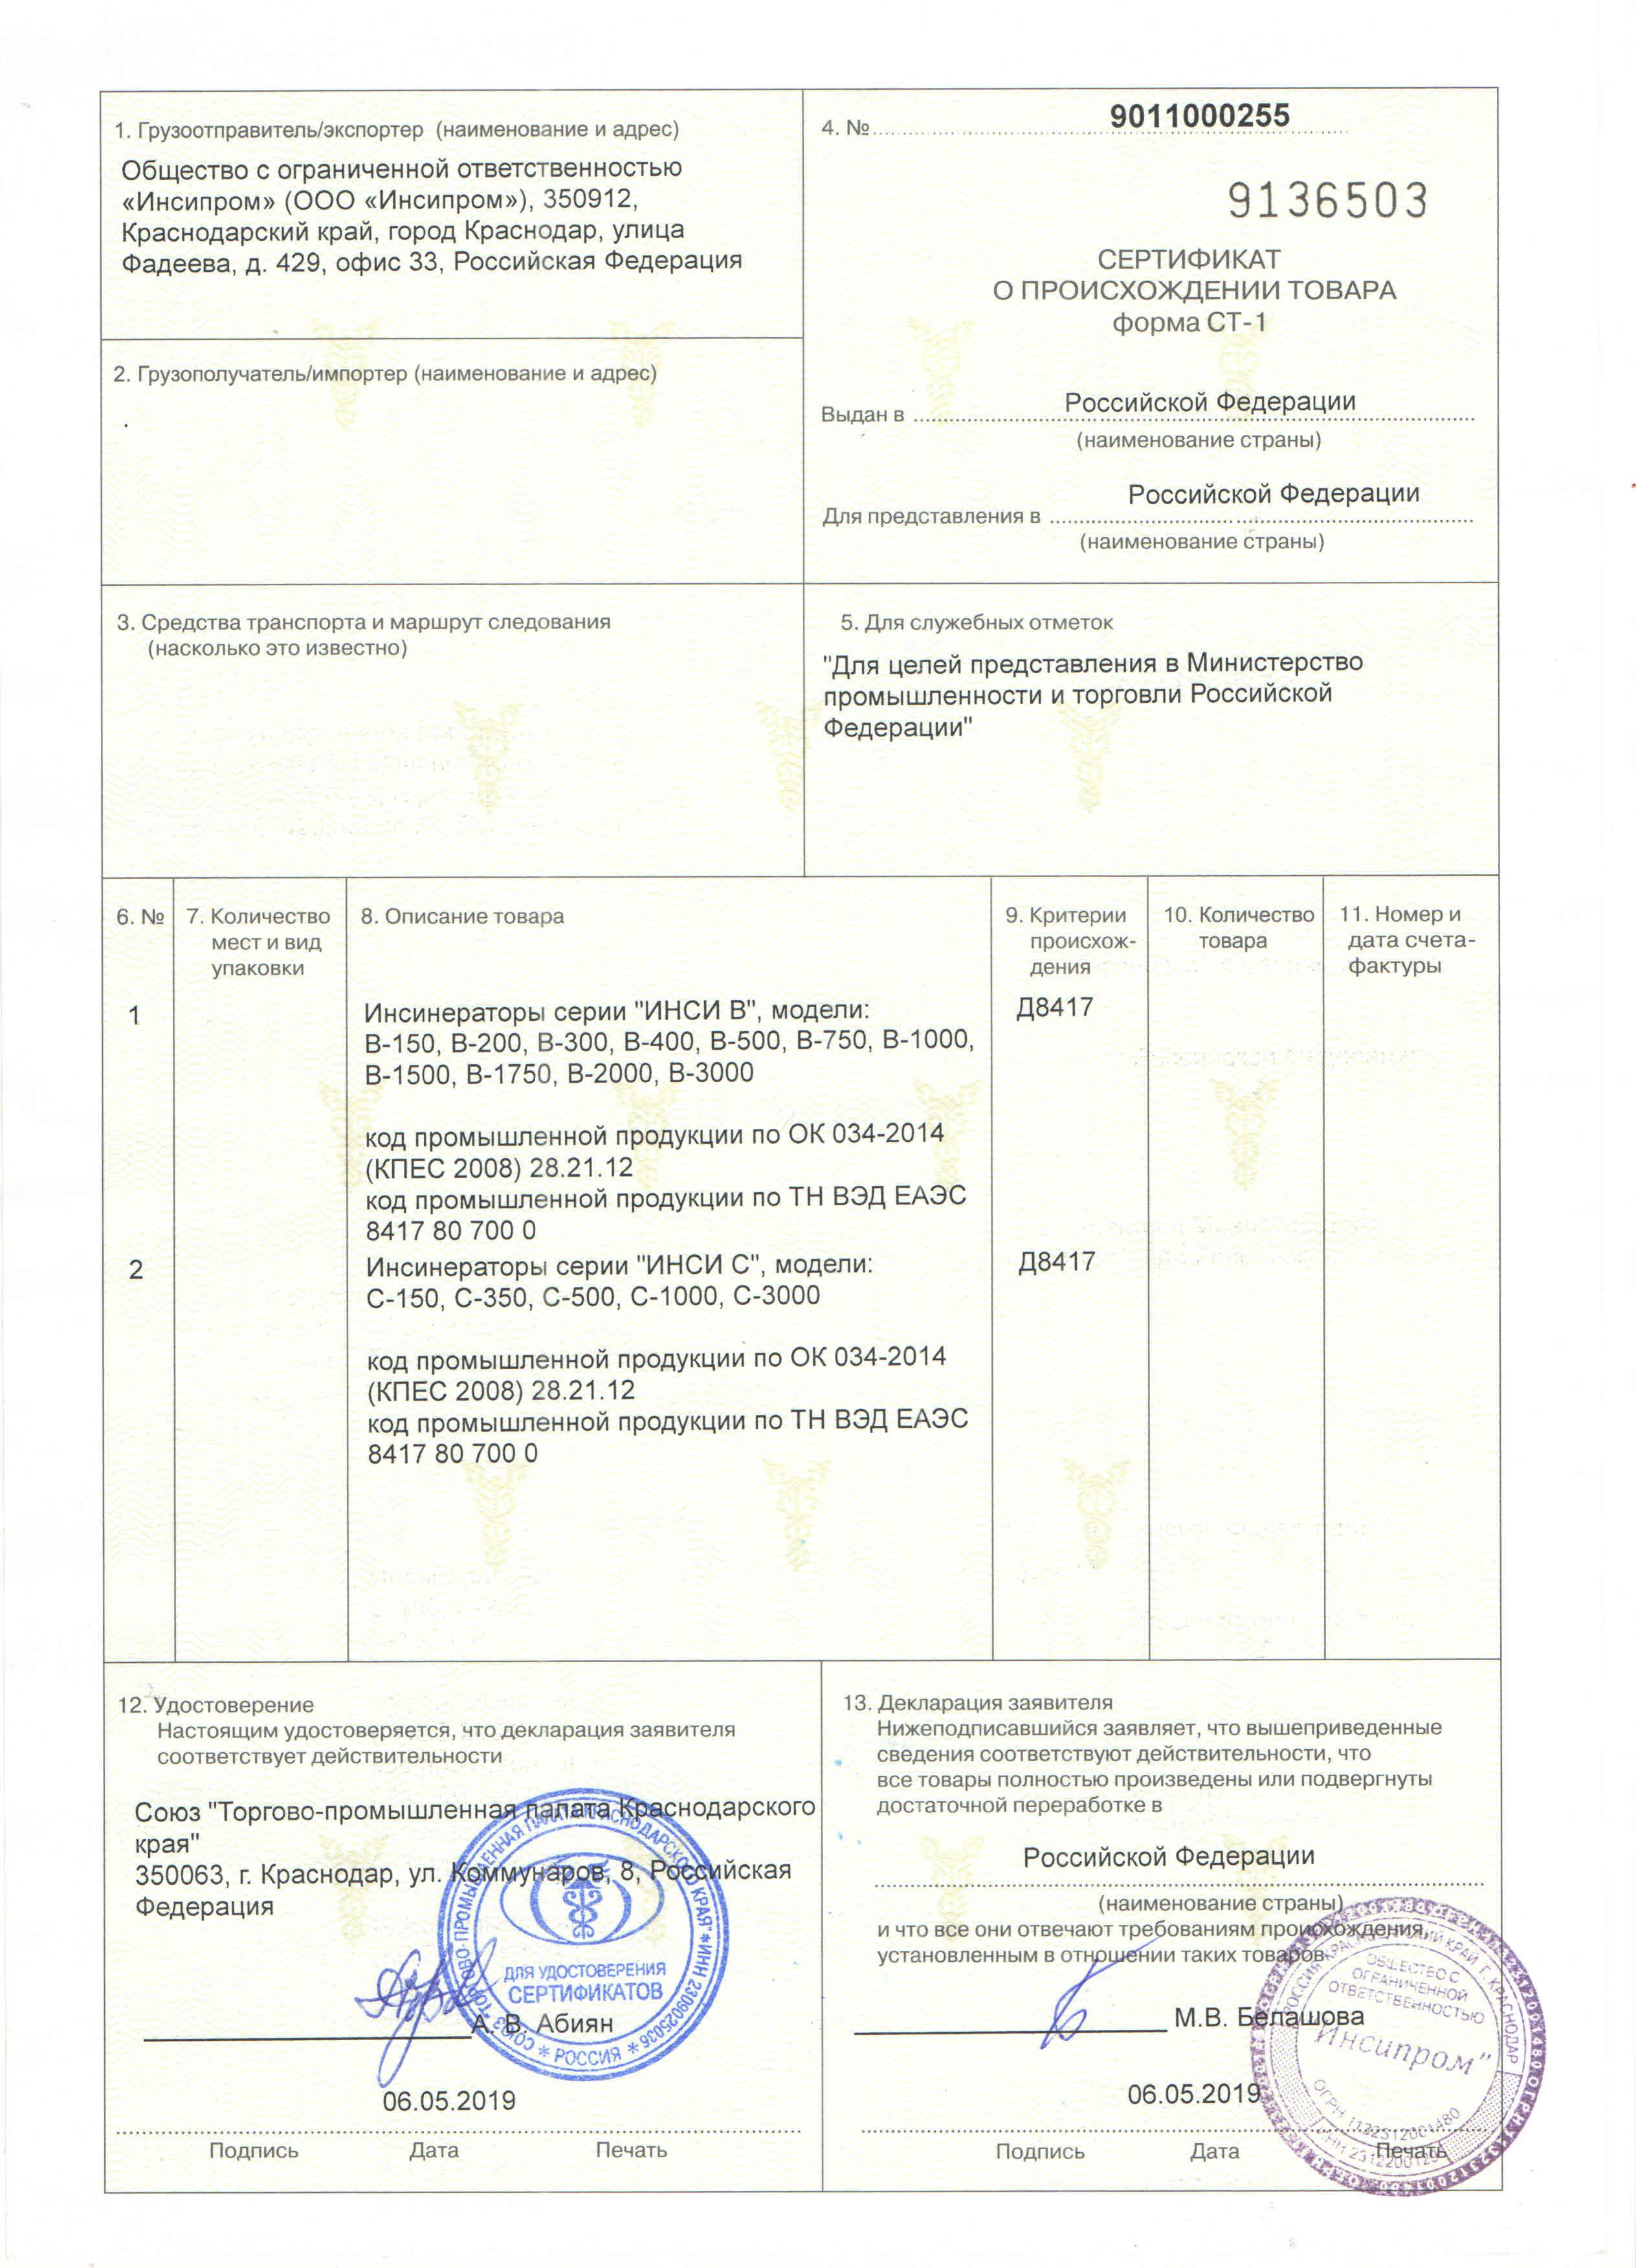 Выдача сертификата происхождения | сертификат происхождения товара ст-1 | получить сертификат происхождения товара